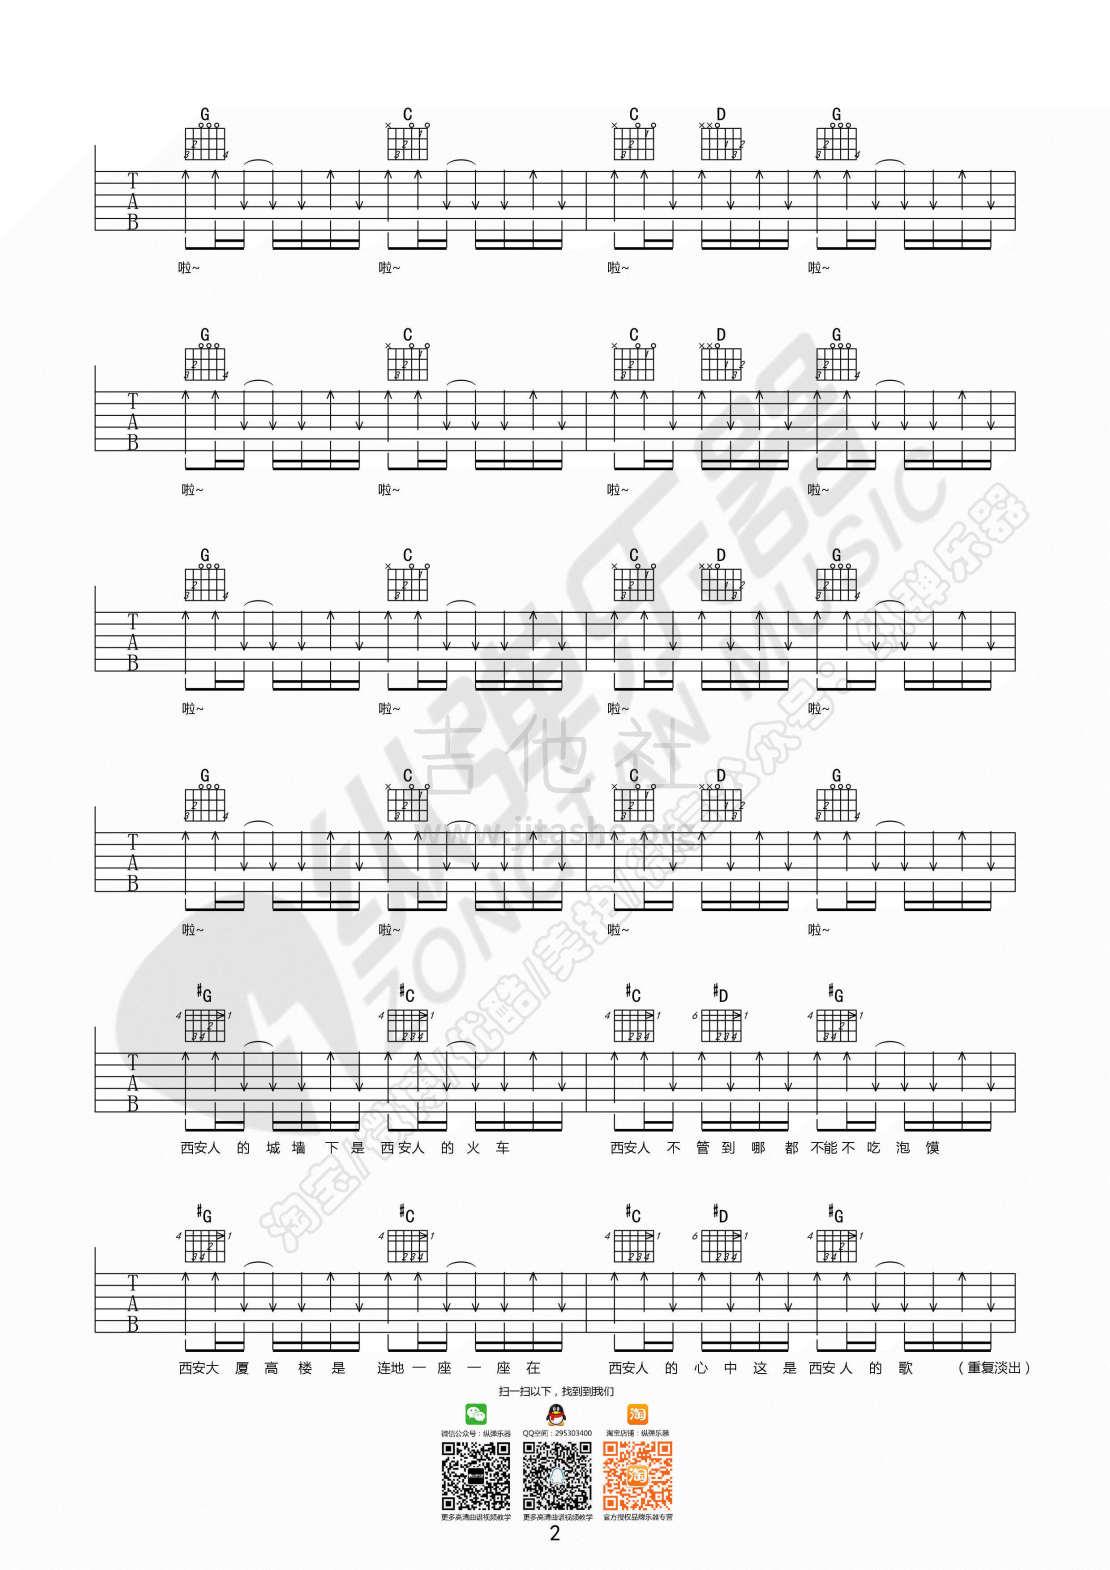 西安人的歌吉他谱(图片谱,弹唱,伴奏,纵弹乐器)_范炜与程渤智_西安人的歌022_副本.jpg